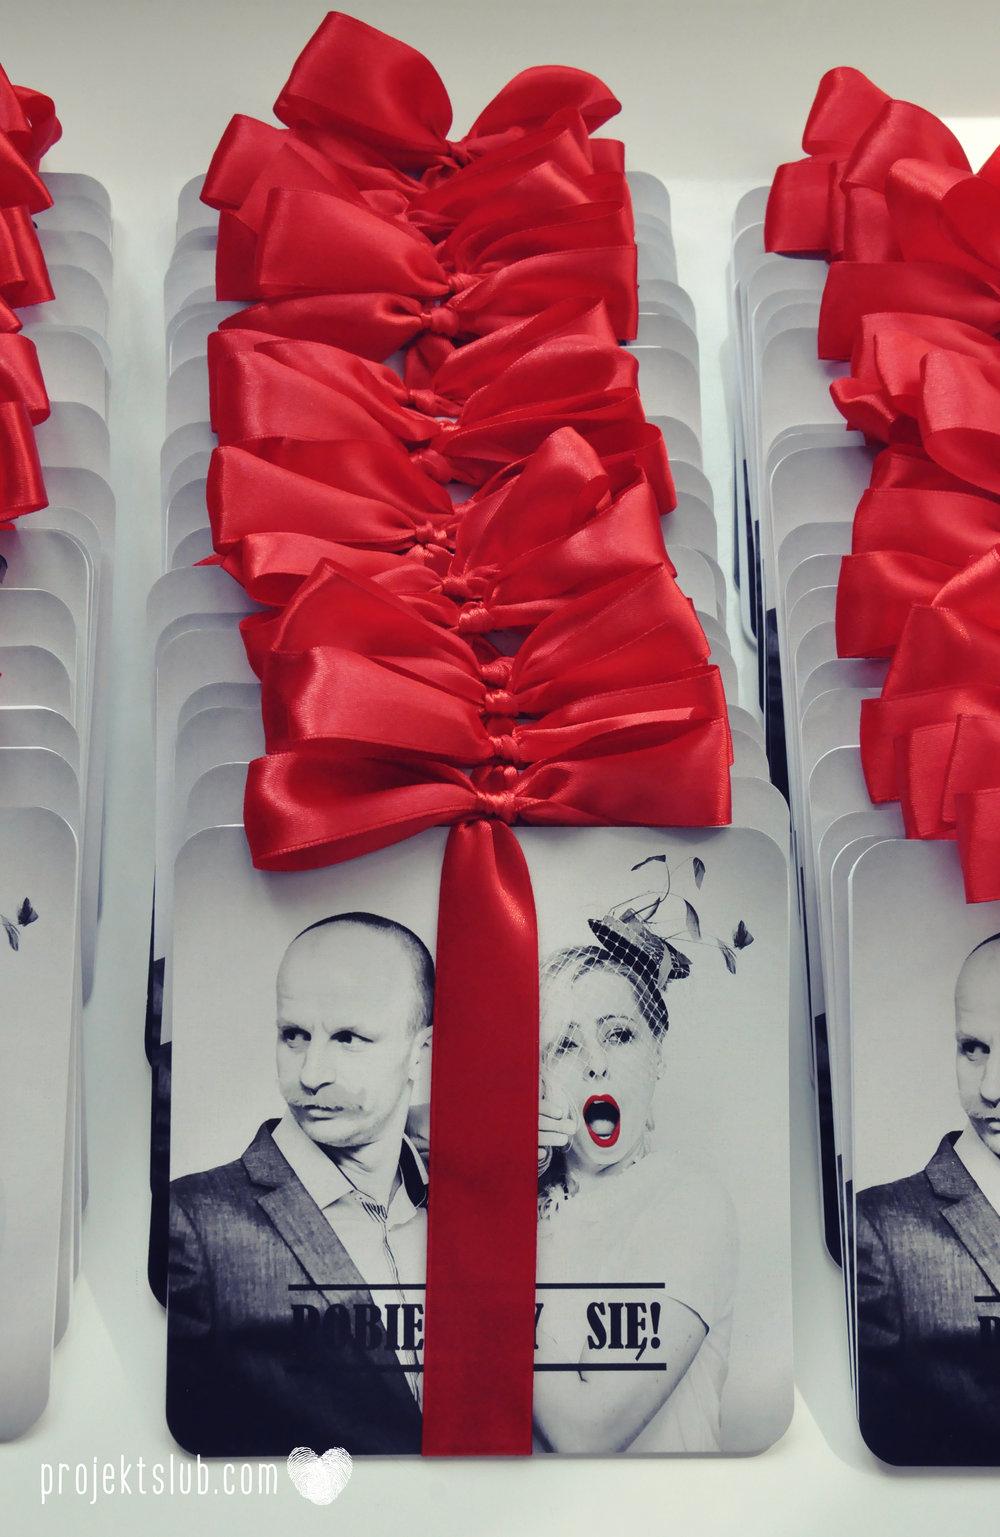 Oryginalne zaproszenia ślubne ze zdjęciem motyw przewodni usta i wąsy czerwona wstążka czarno białe nowoczesne retro projekt ślub (7).JPG